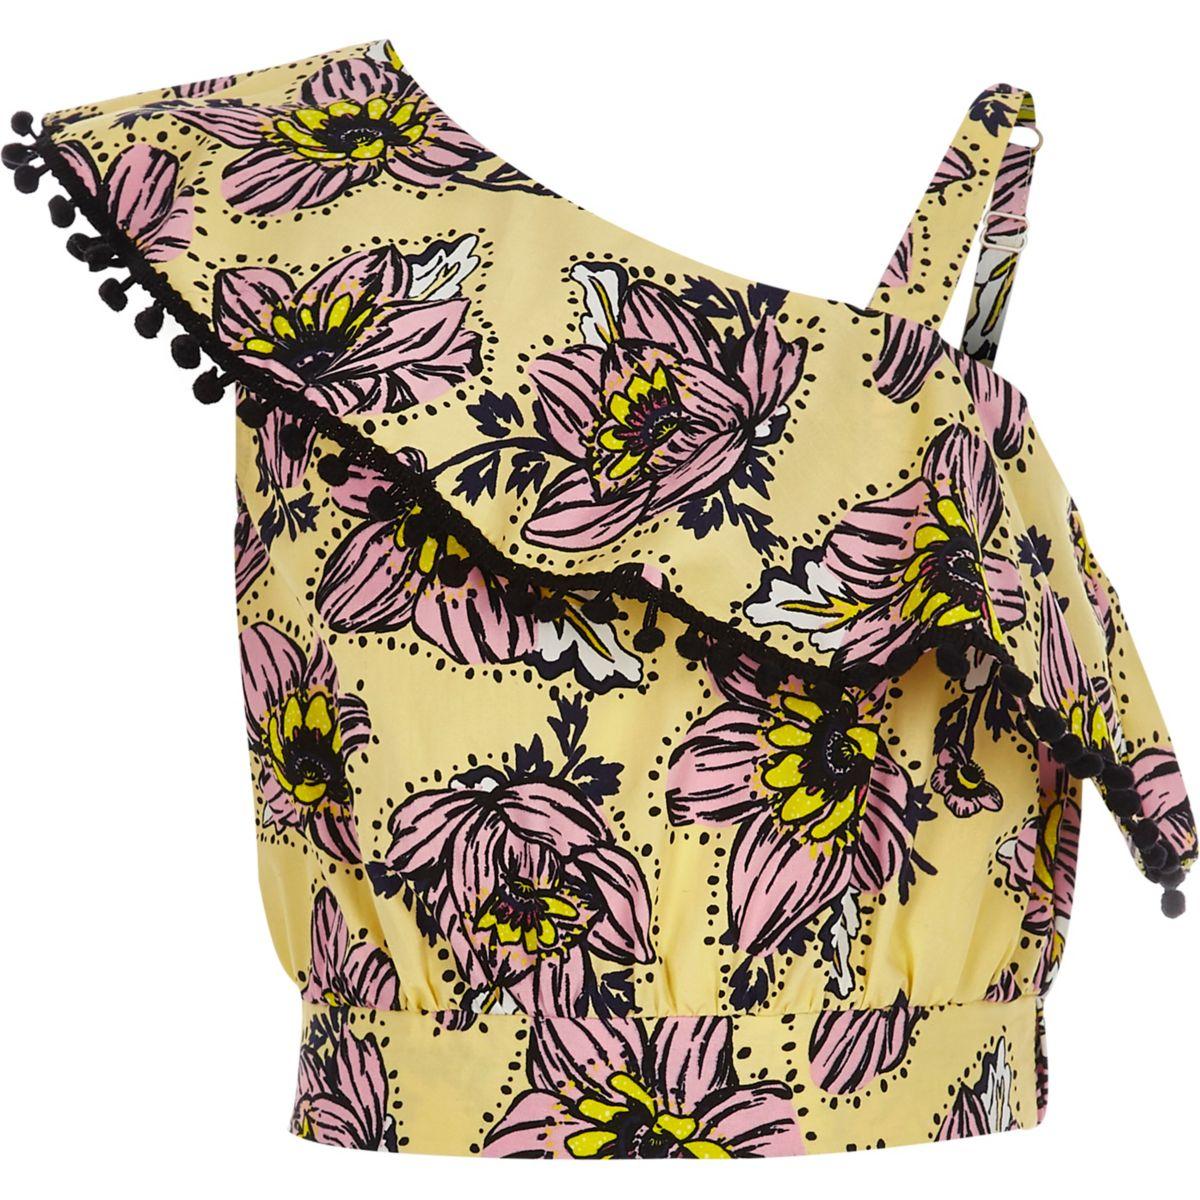 Gelbes geblümtes Crop Top im One-Shoulder-Design